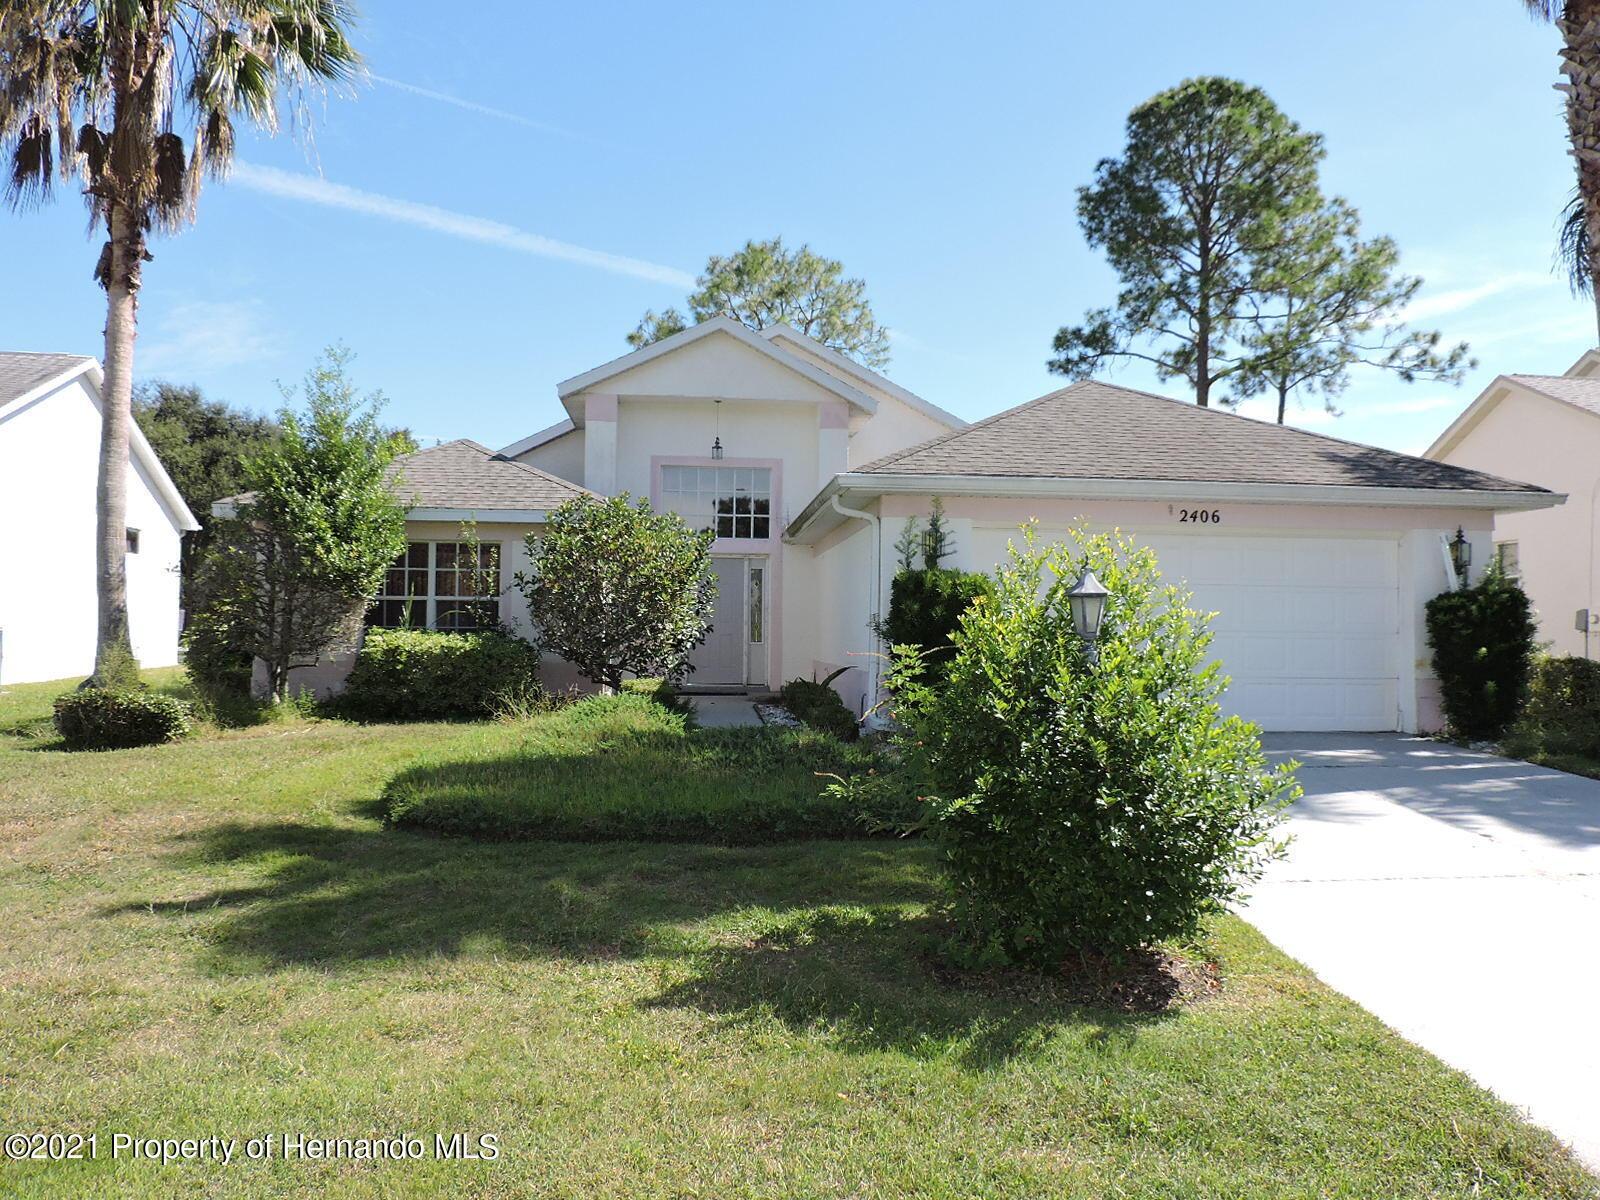 Details for 2406 Summercrest Lane, Spring Hill, FL 34606